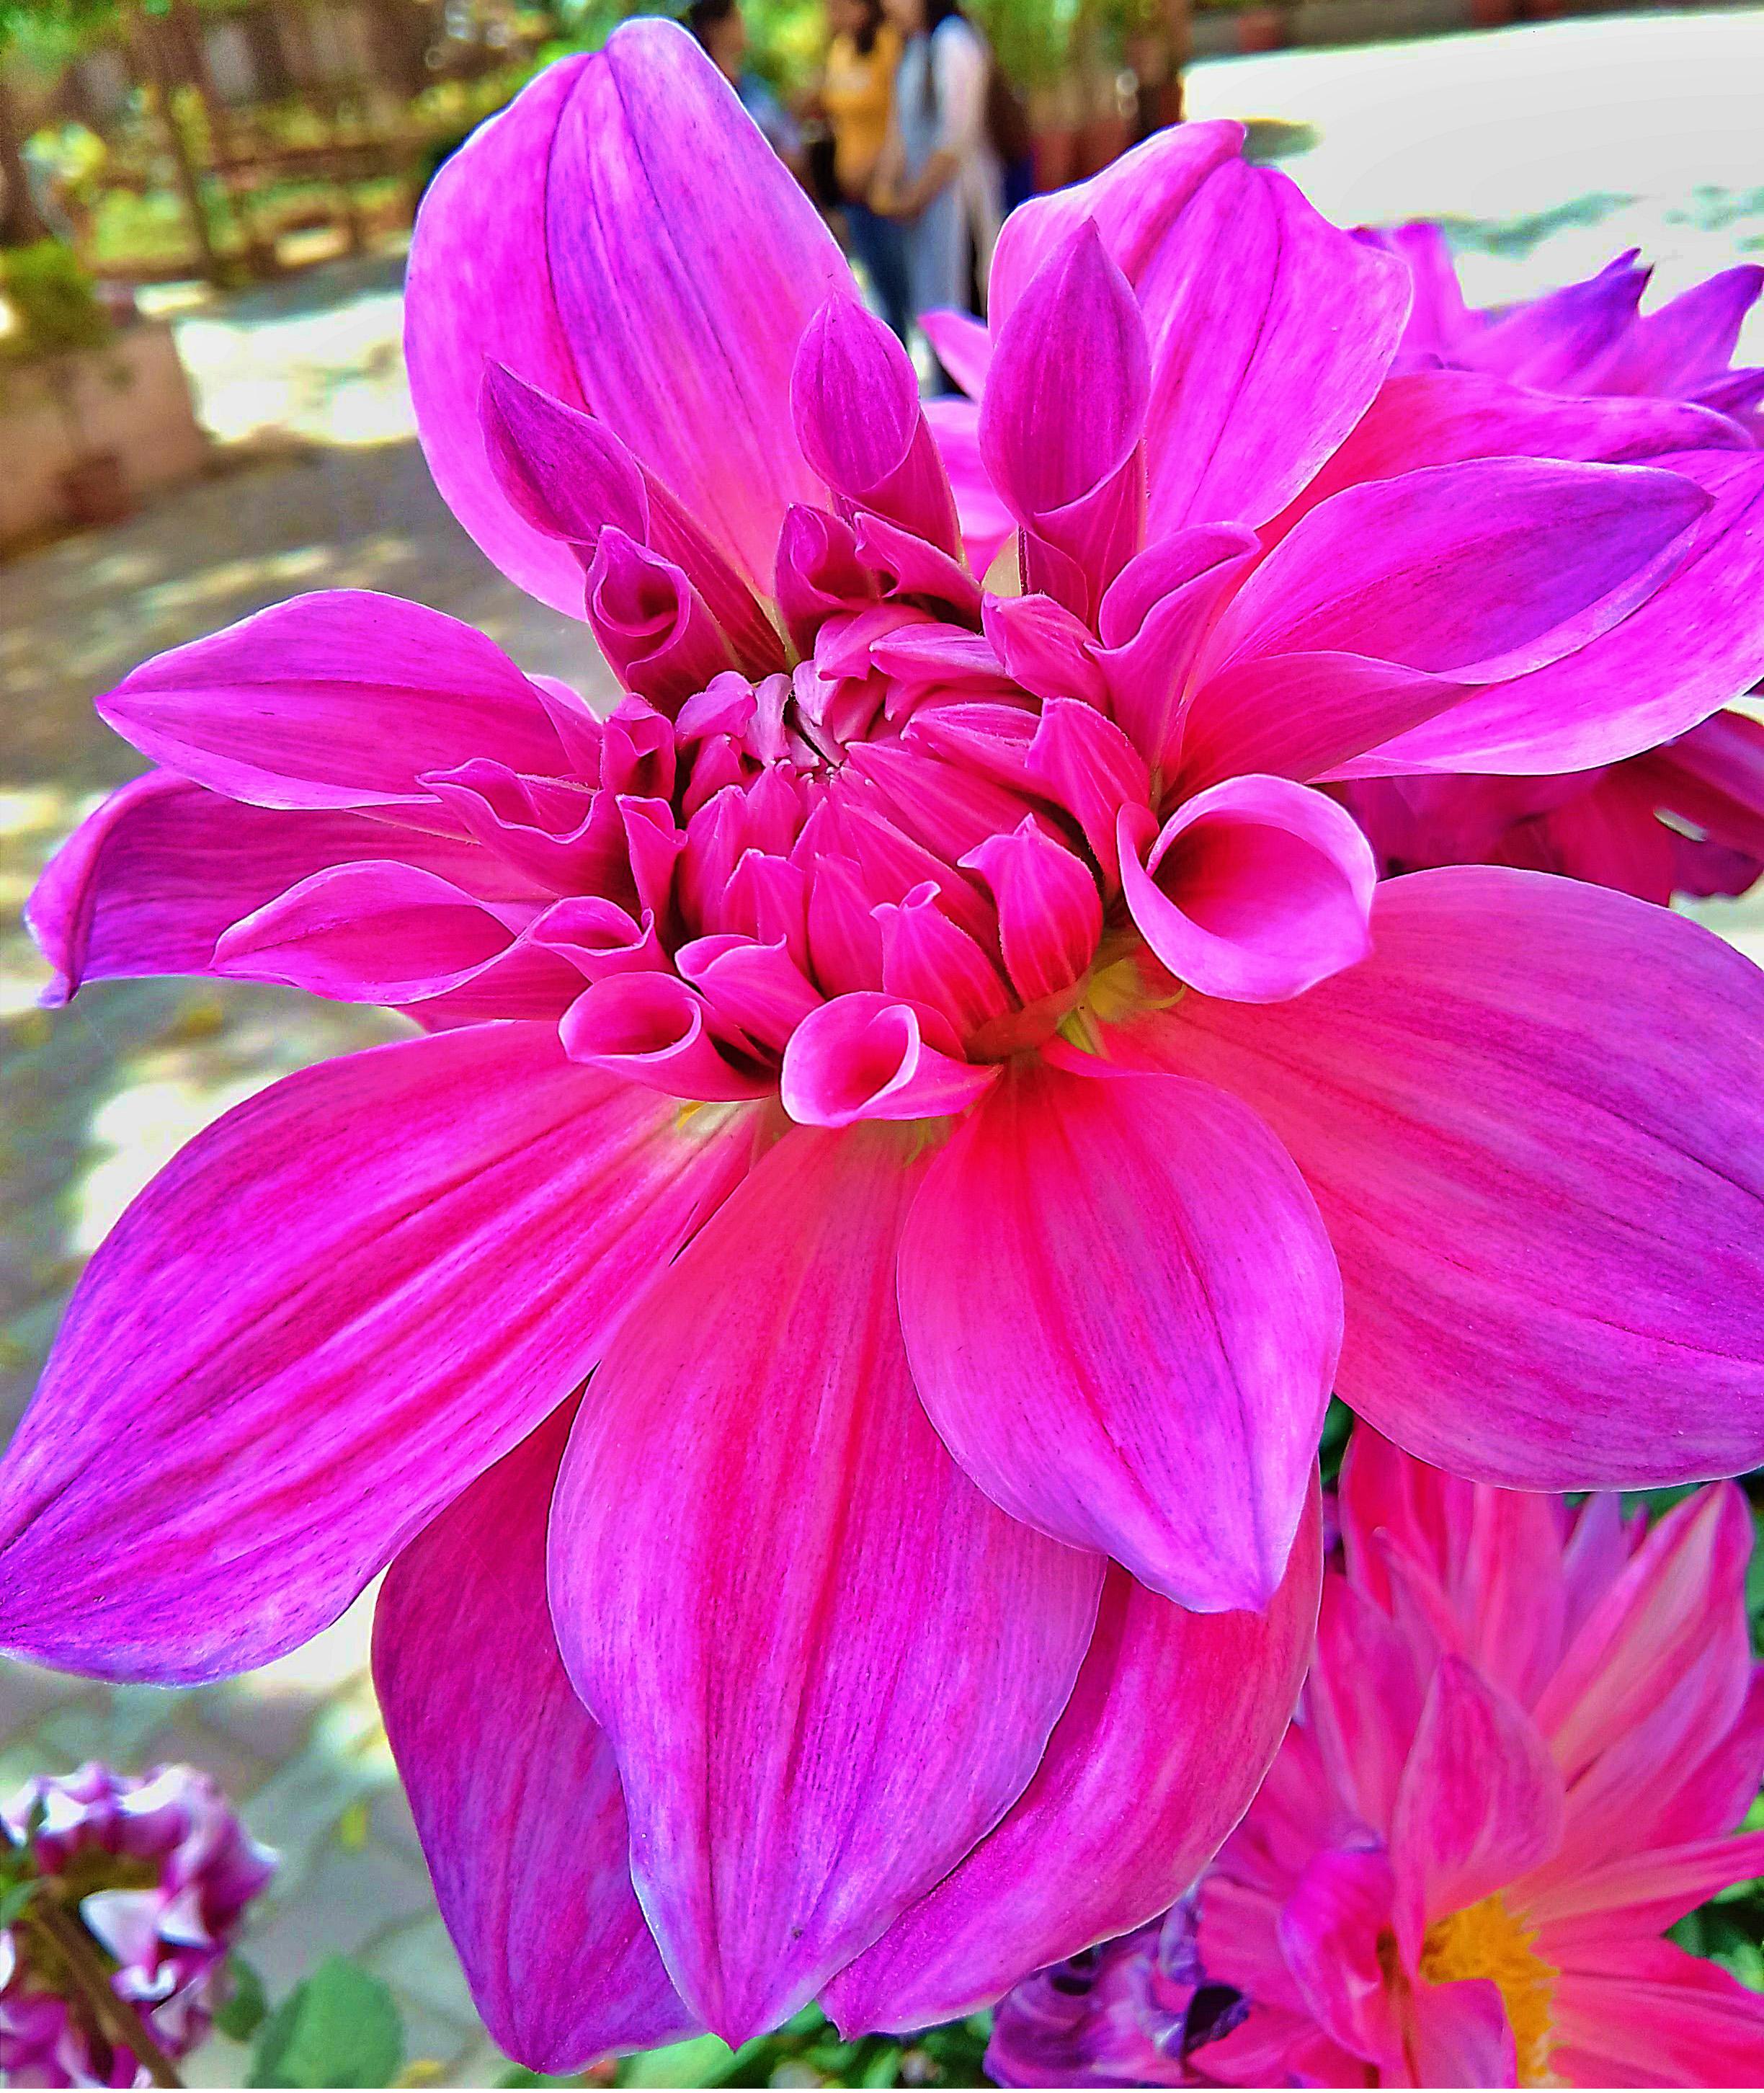 Beautiful flower HD wallpapers